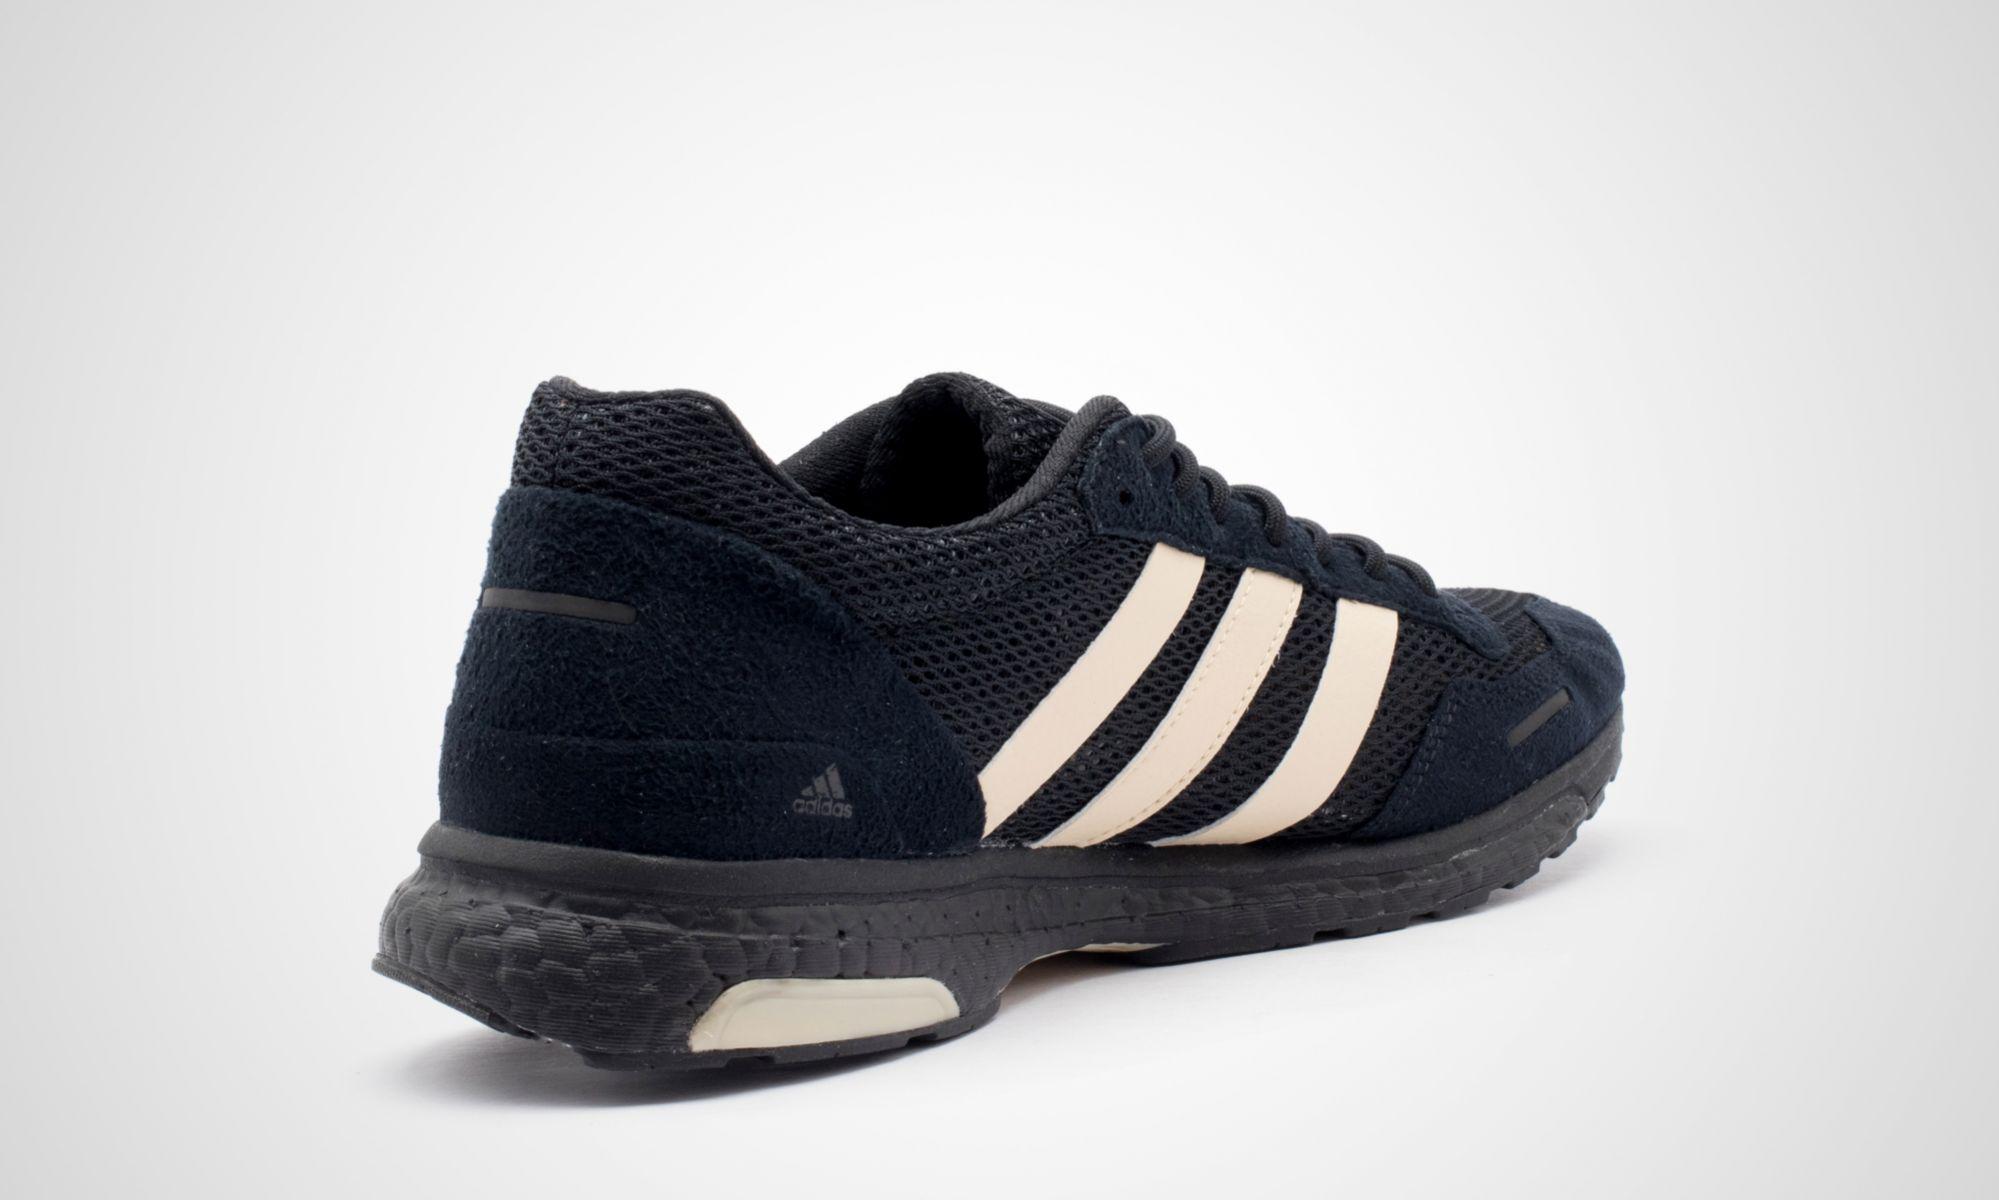 low priced dea86 defd5 adidas x UNDFTD Adizero Adios 3 Navy